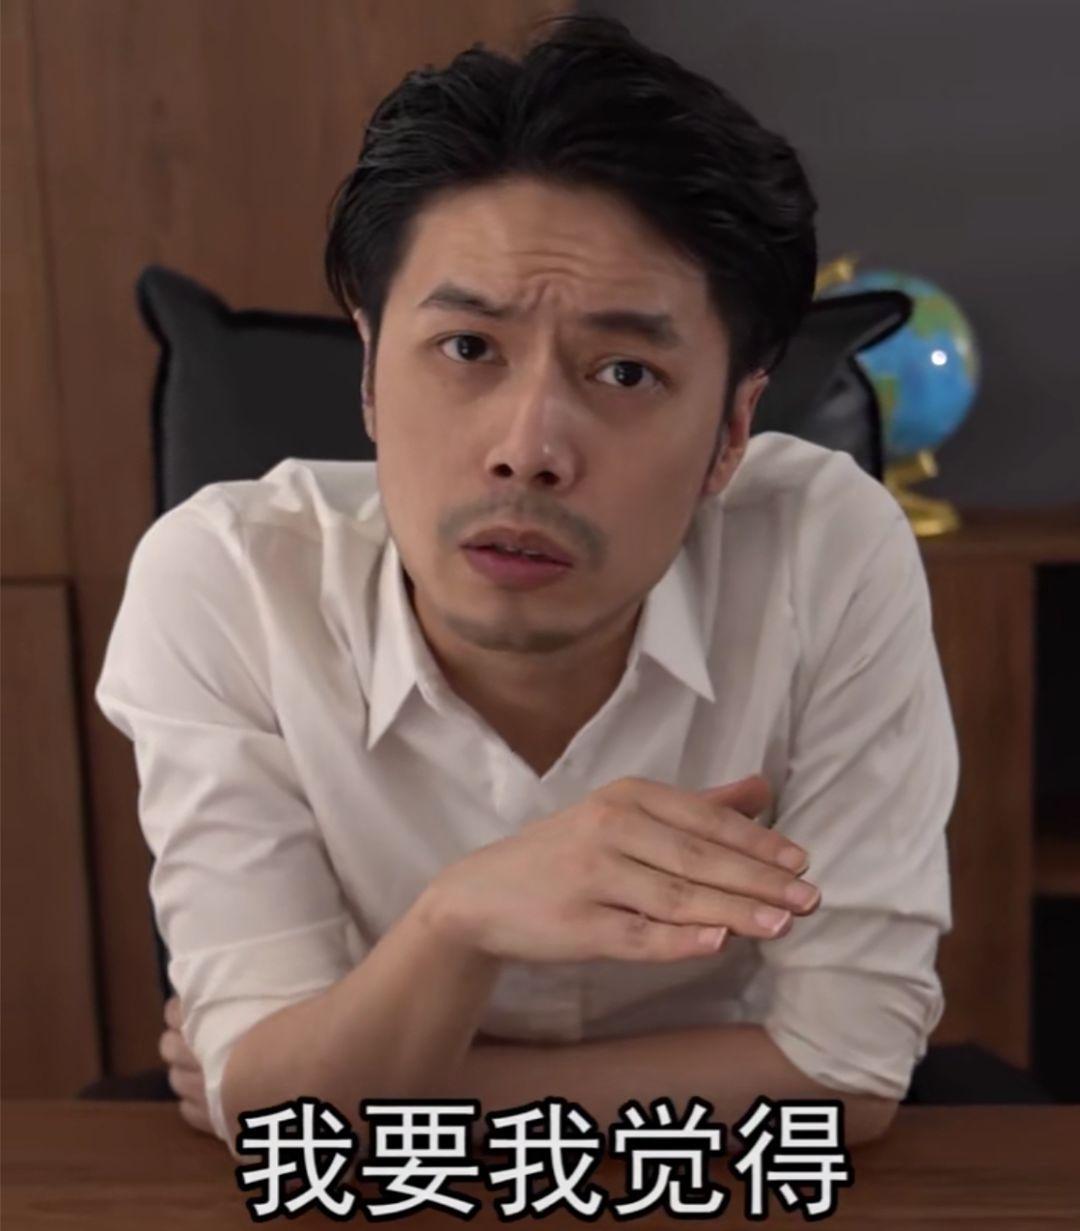 黄晓明开奖,却因操作失误被骂,白白浪费洗白机会还多送三台冰箱